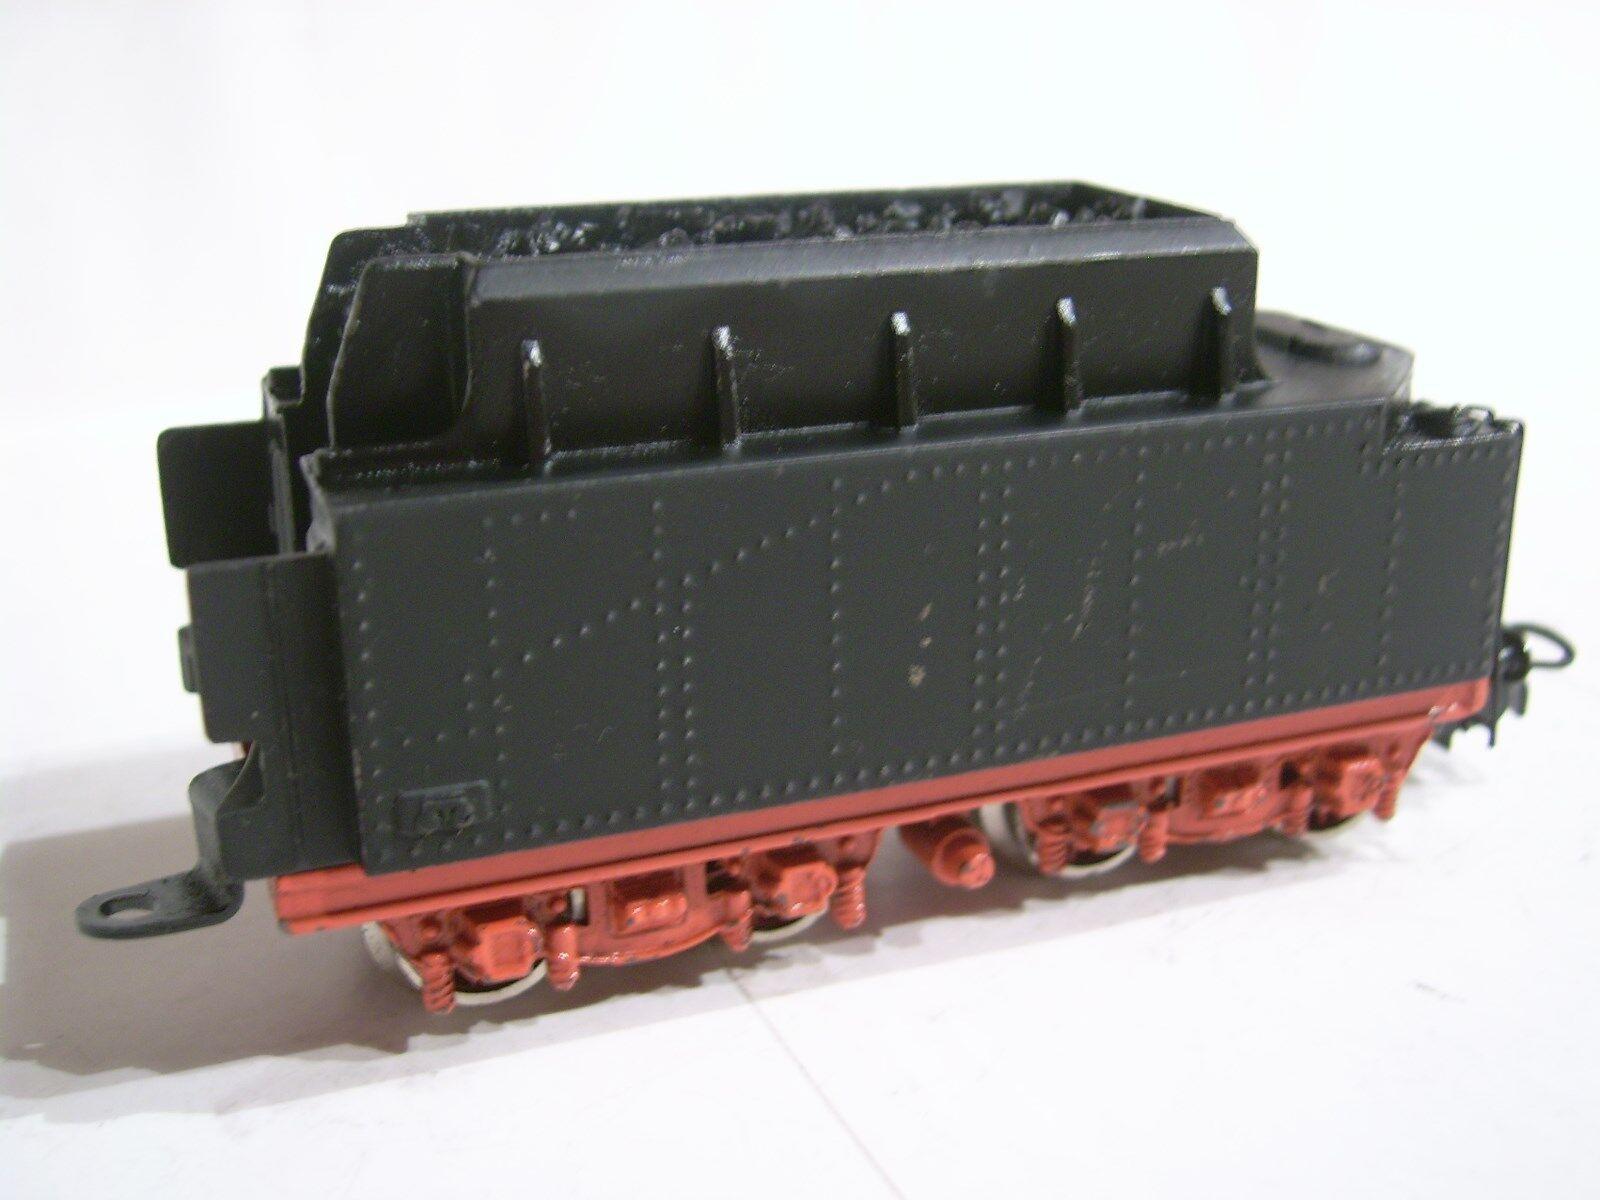 h0 TENDER 809 della locomotiva F 800 HR 800 IN GHISA solo costruita 1950-53